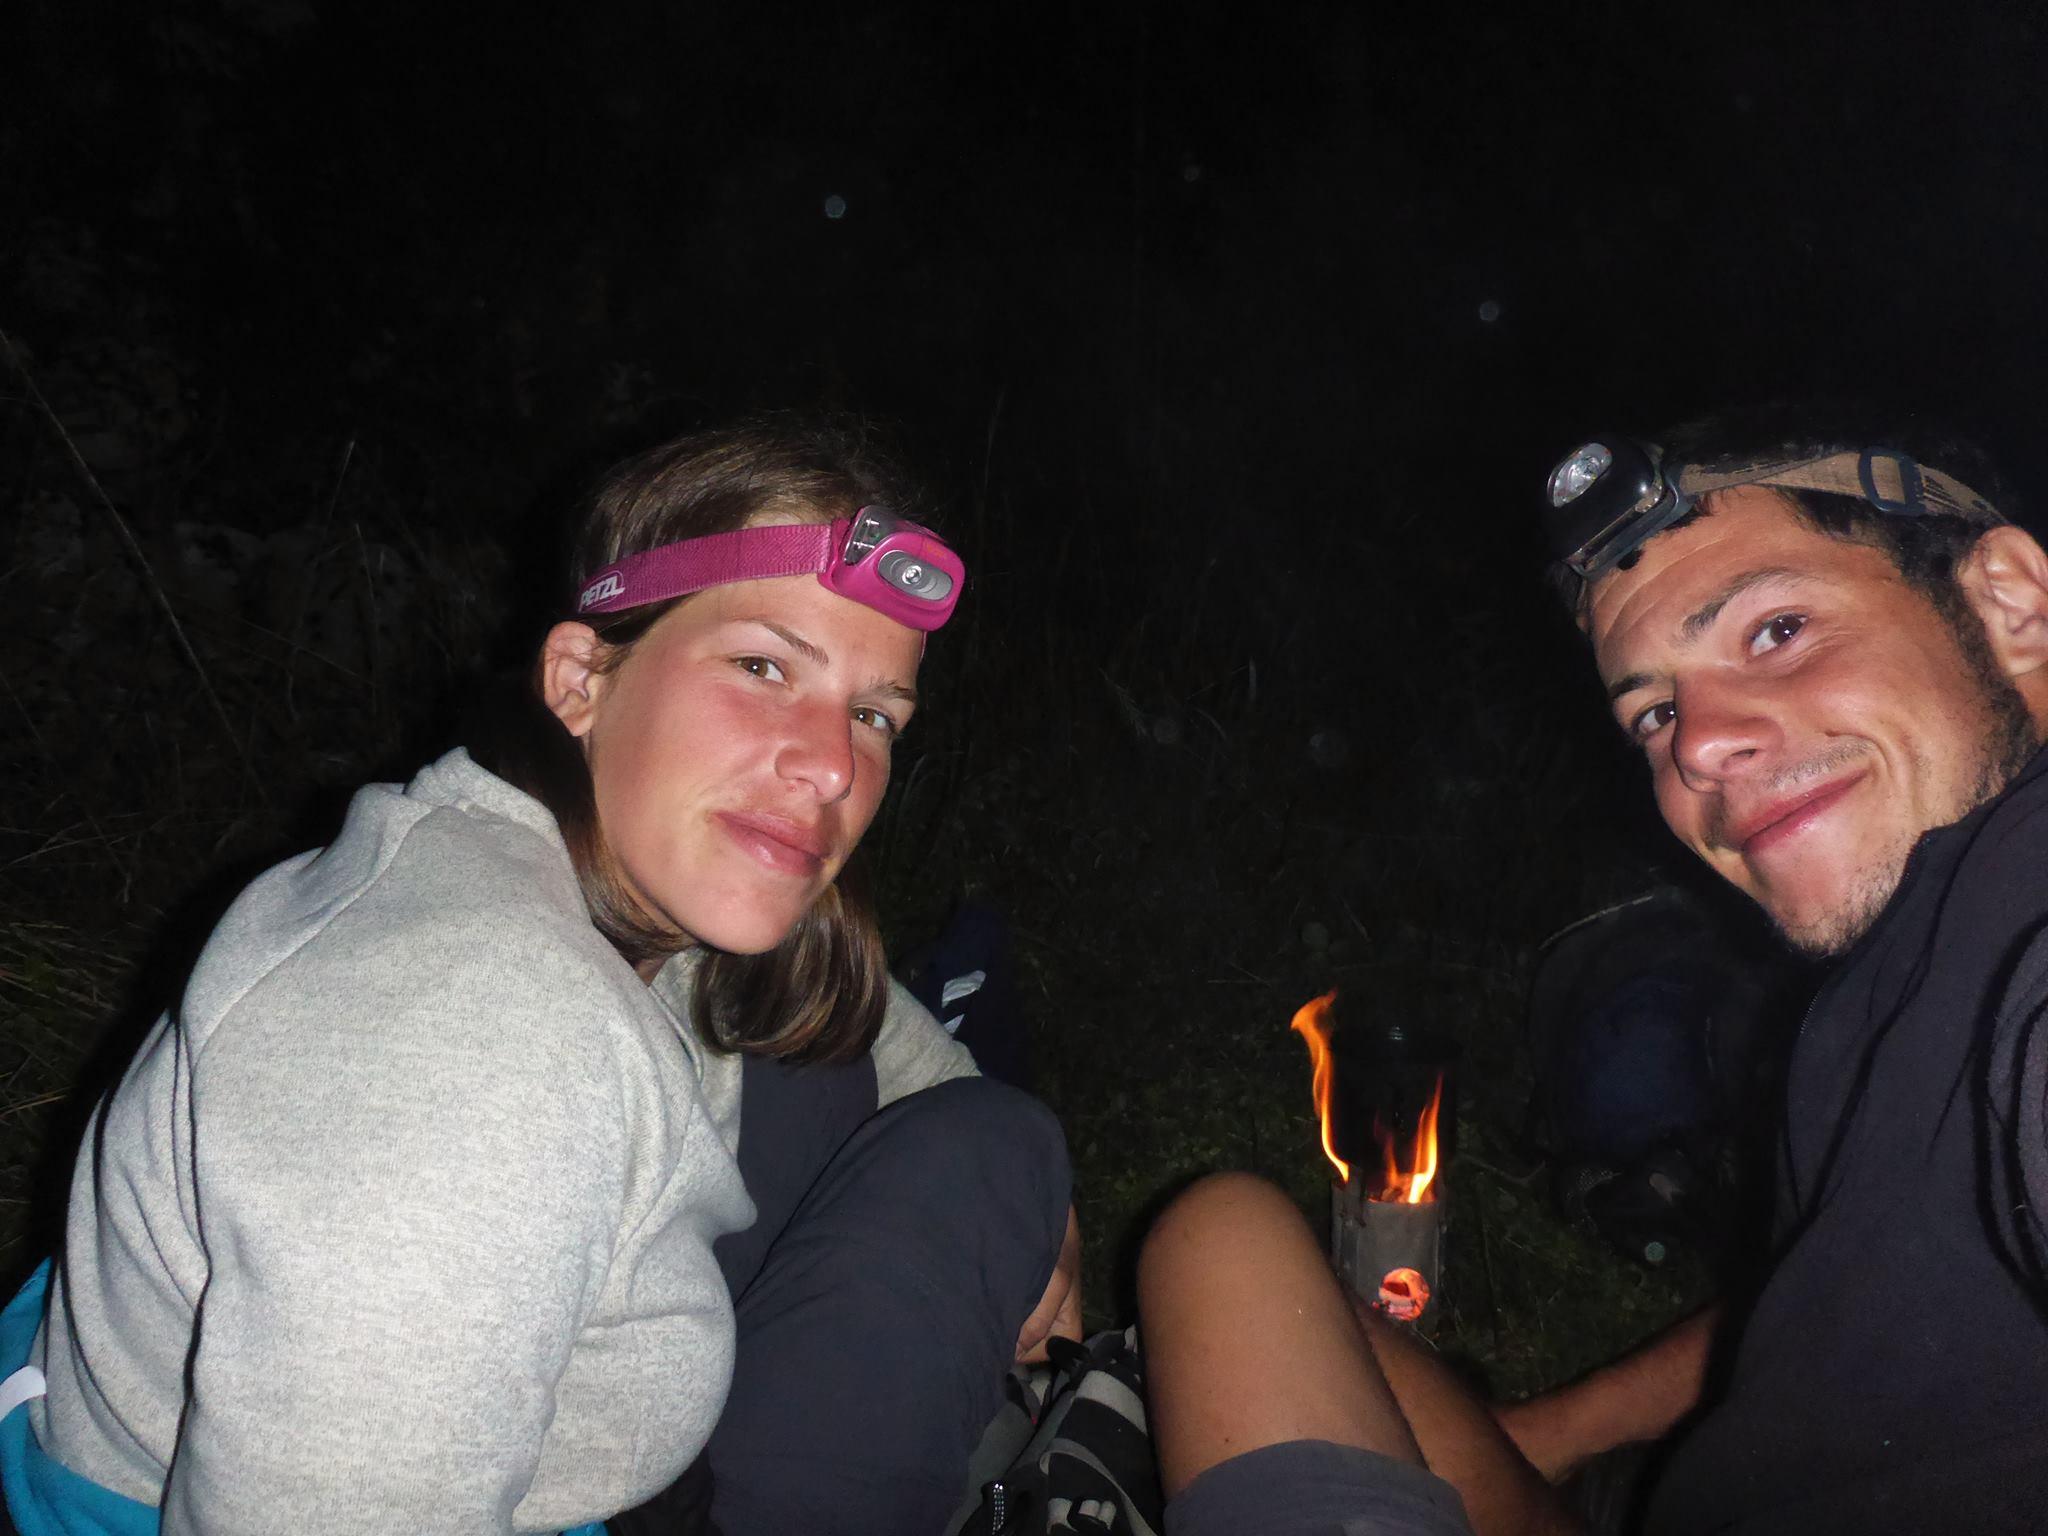 Après s'etre fait déloger à onze heure du soir par un imbécile de ranger, nous dormons à la belle étoile deux kilomètres plus loin, cette fois bien cachés...